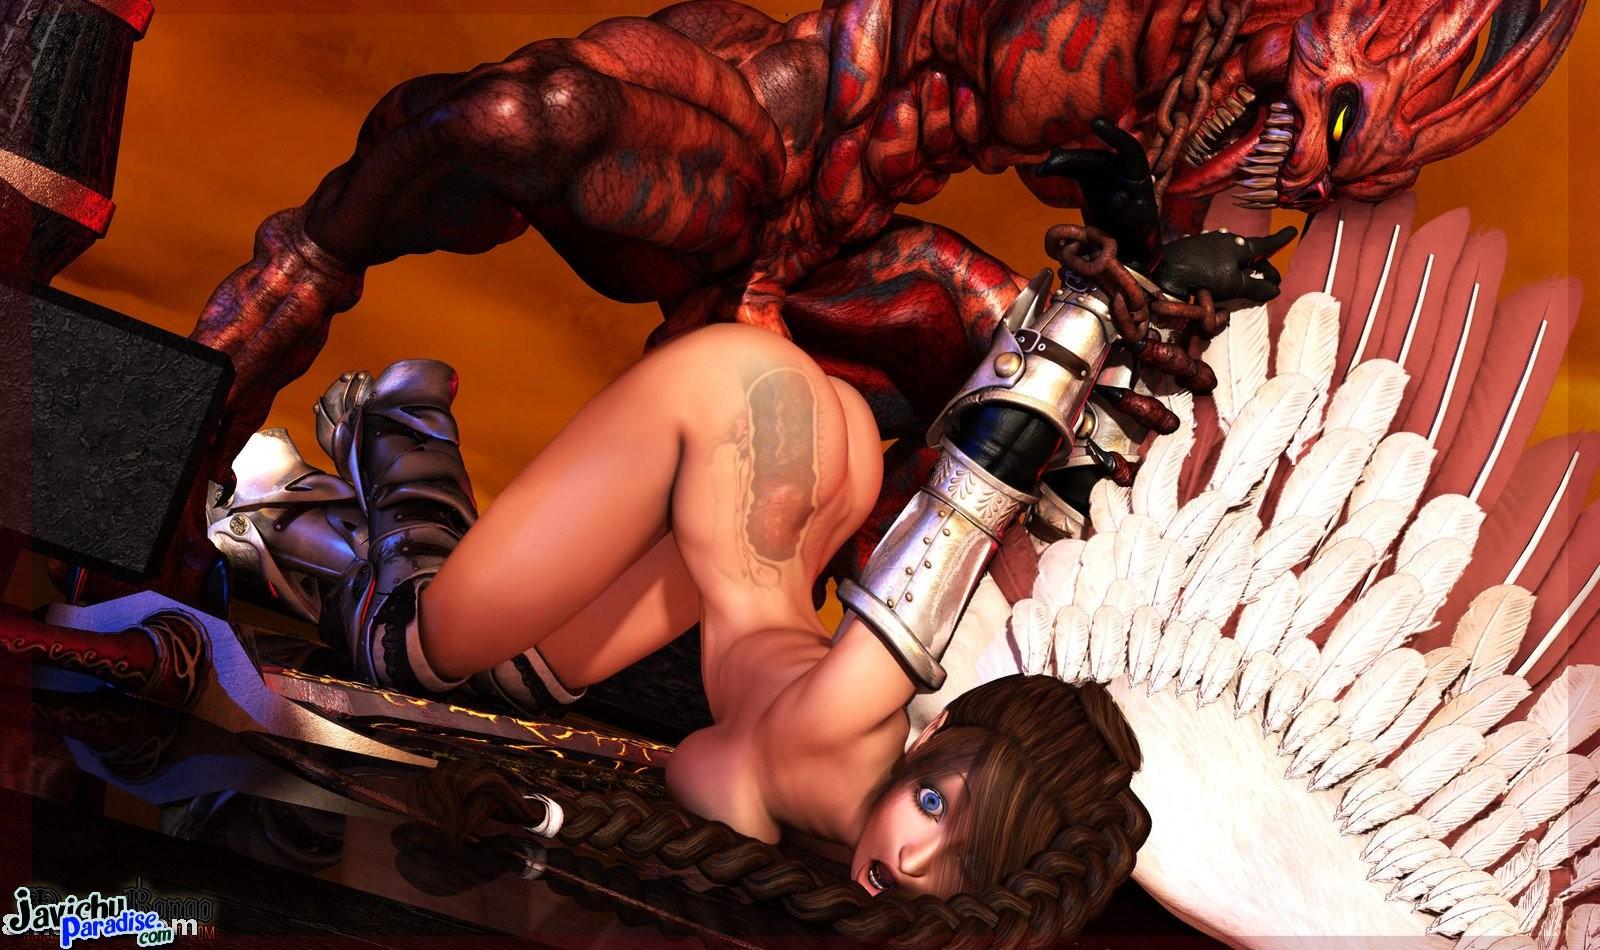 Секс игра демоны 19 фотография